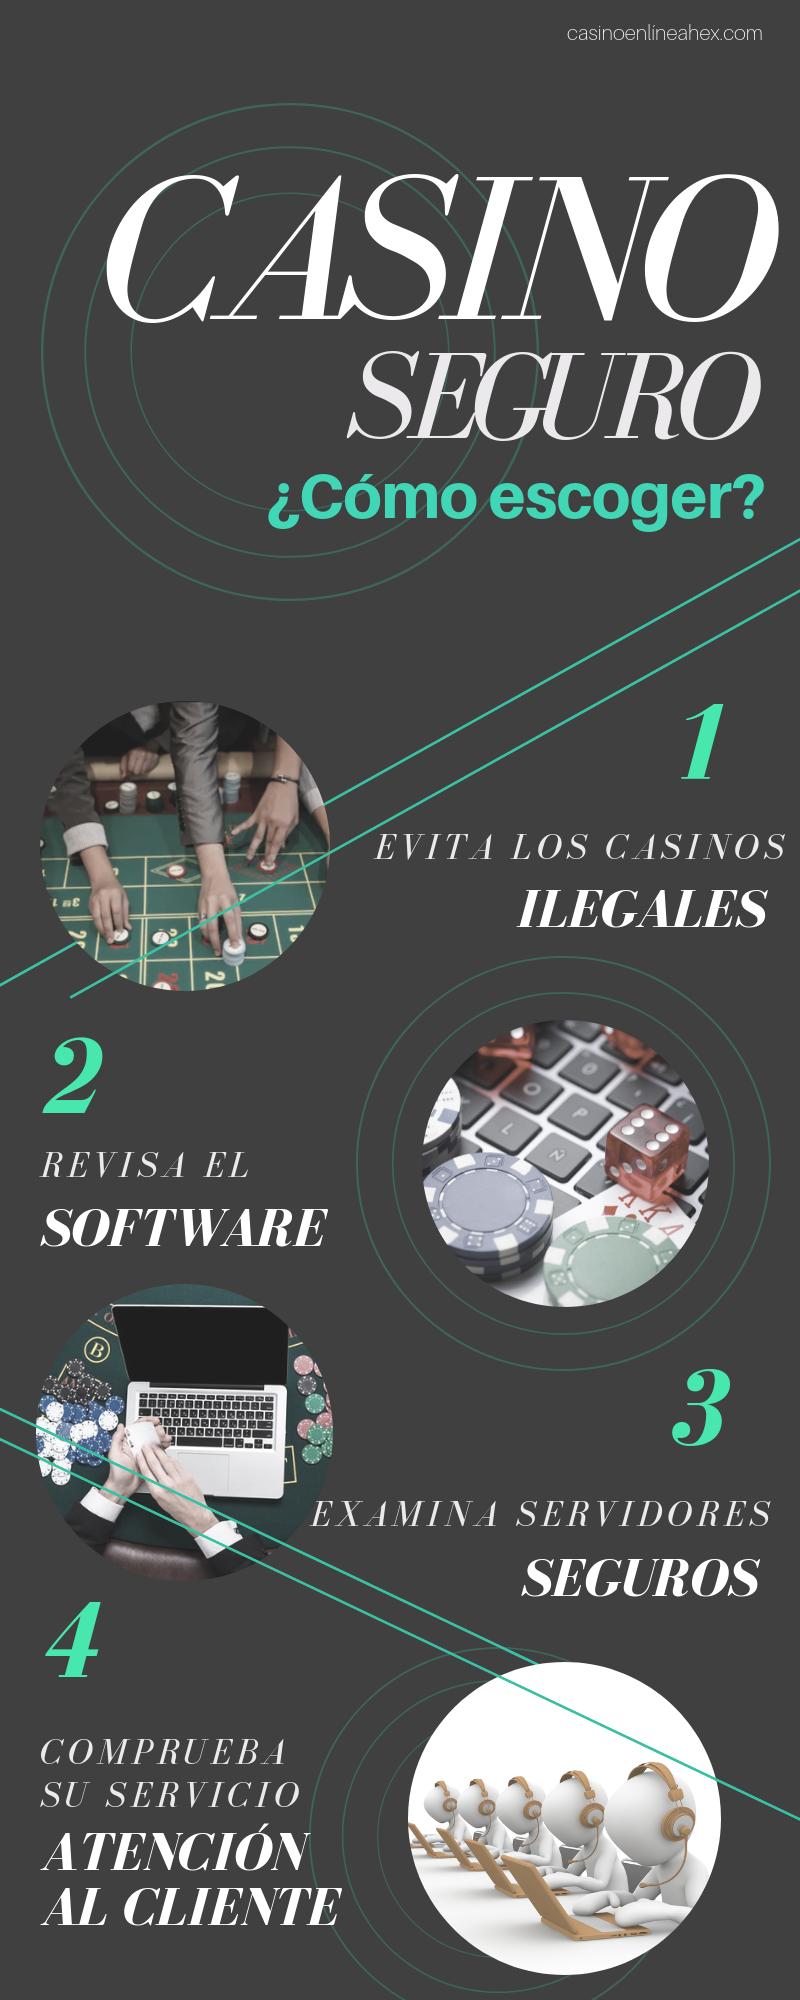 Escogemos casinos online seguros con Casino En Línea HEX